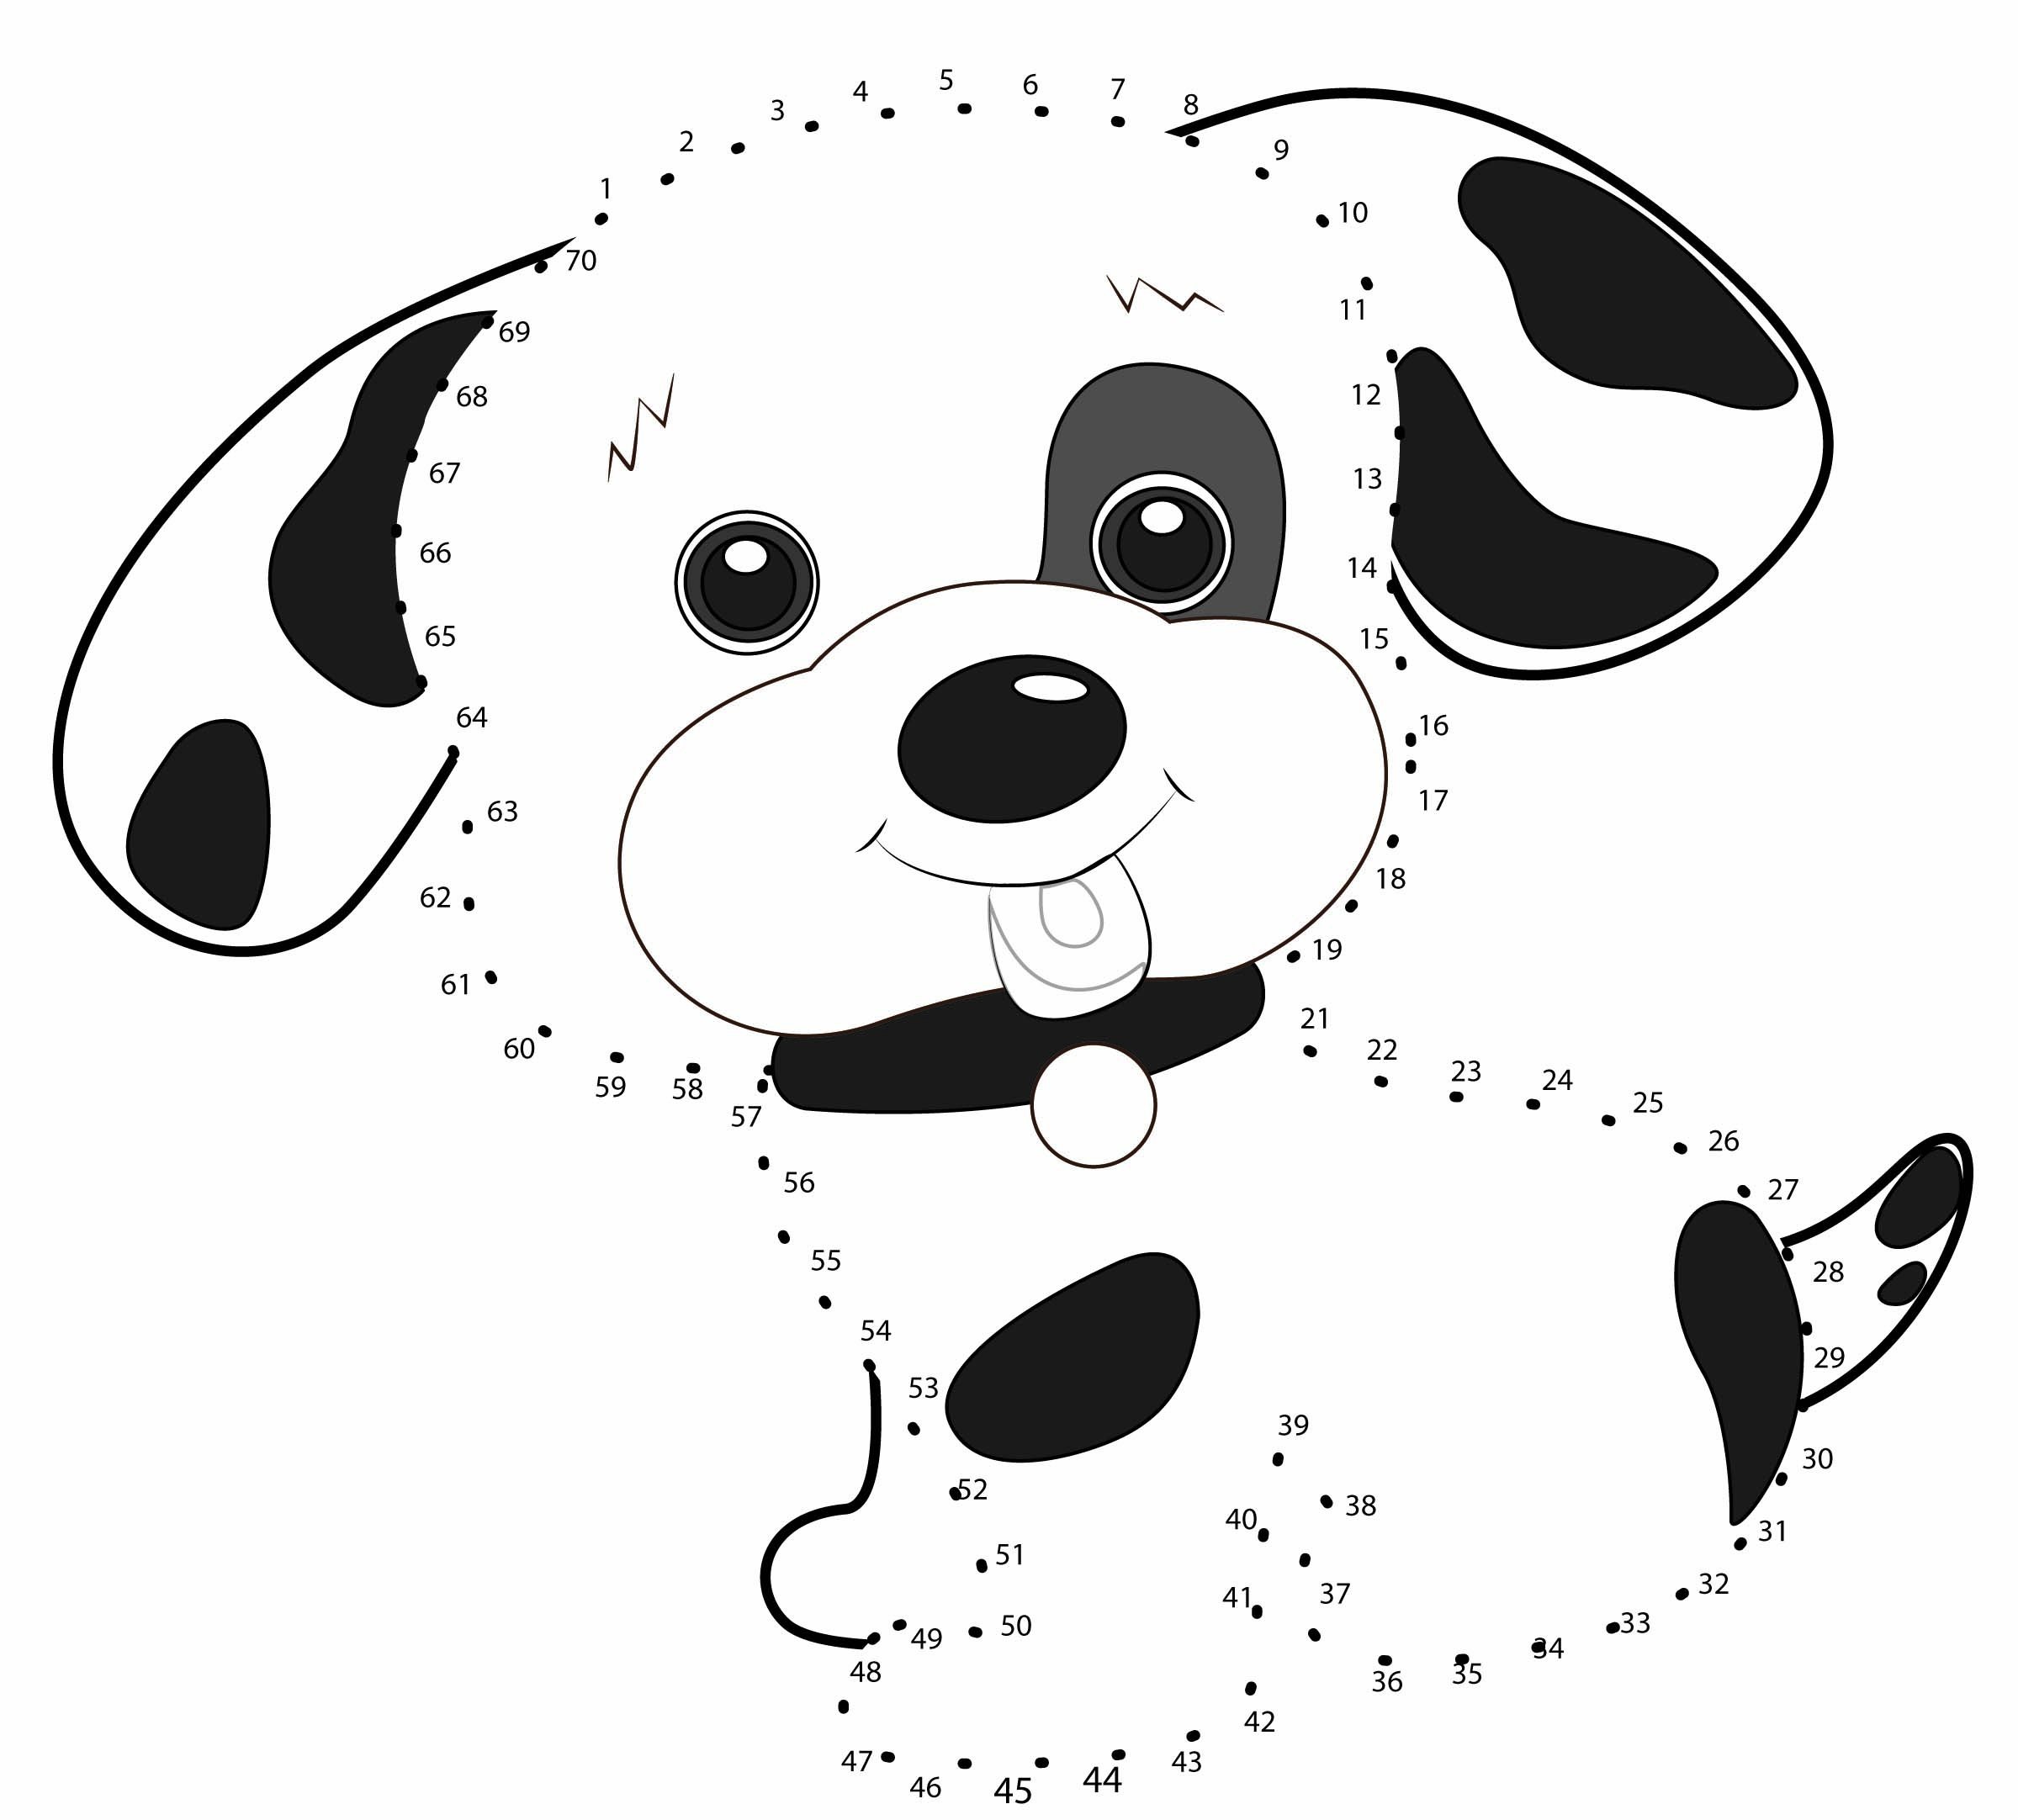 джек картинка по точкам собачка некоторым данным